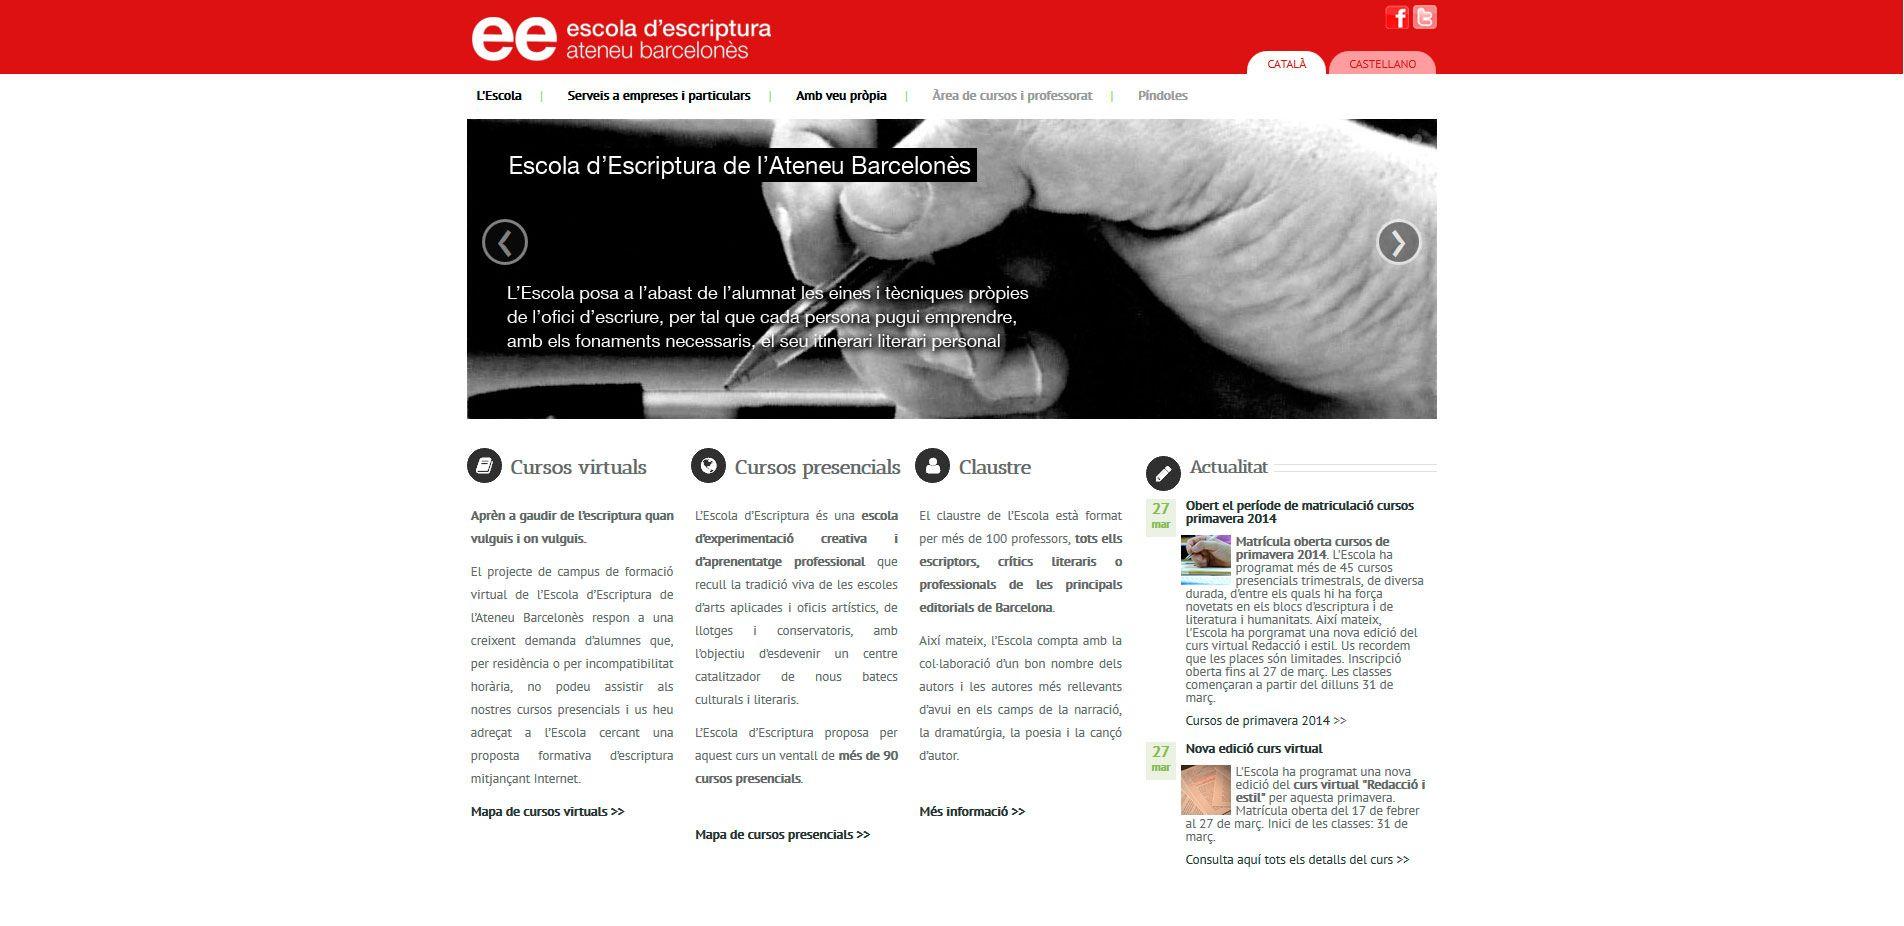 Escola Escriptura de l'Ateneu Barcelonès